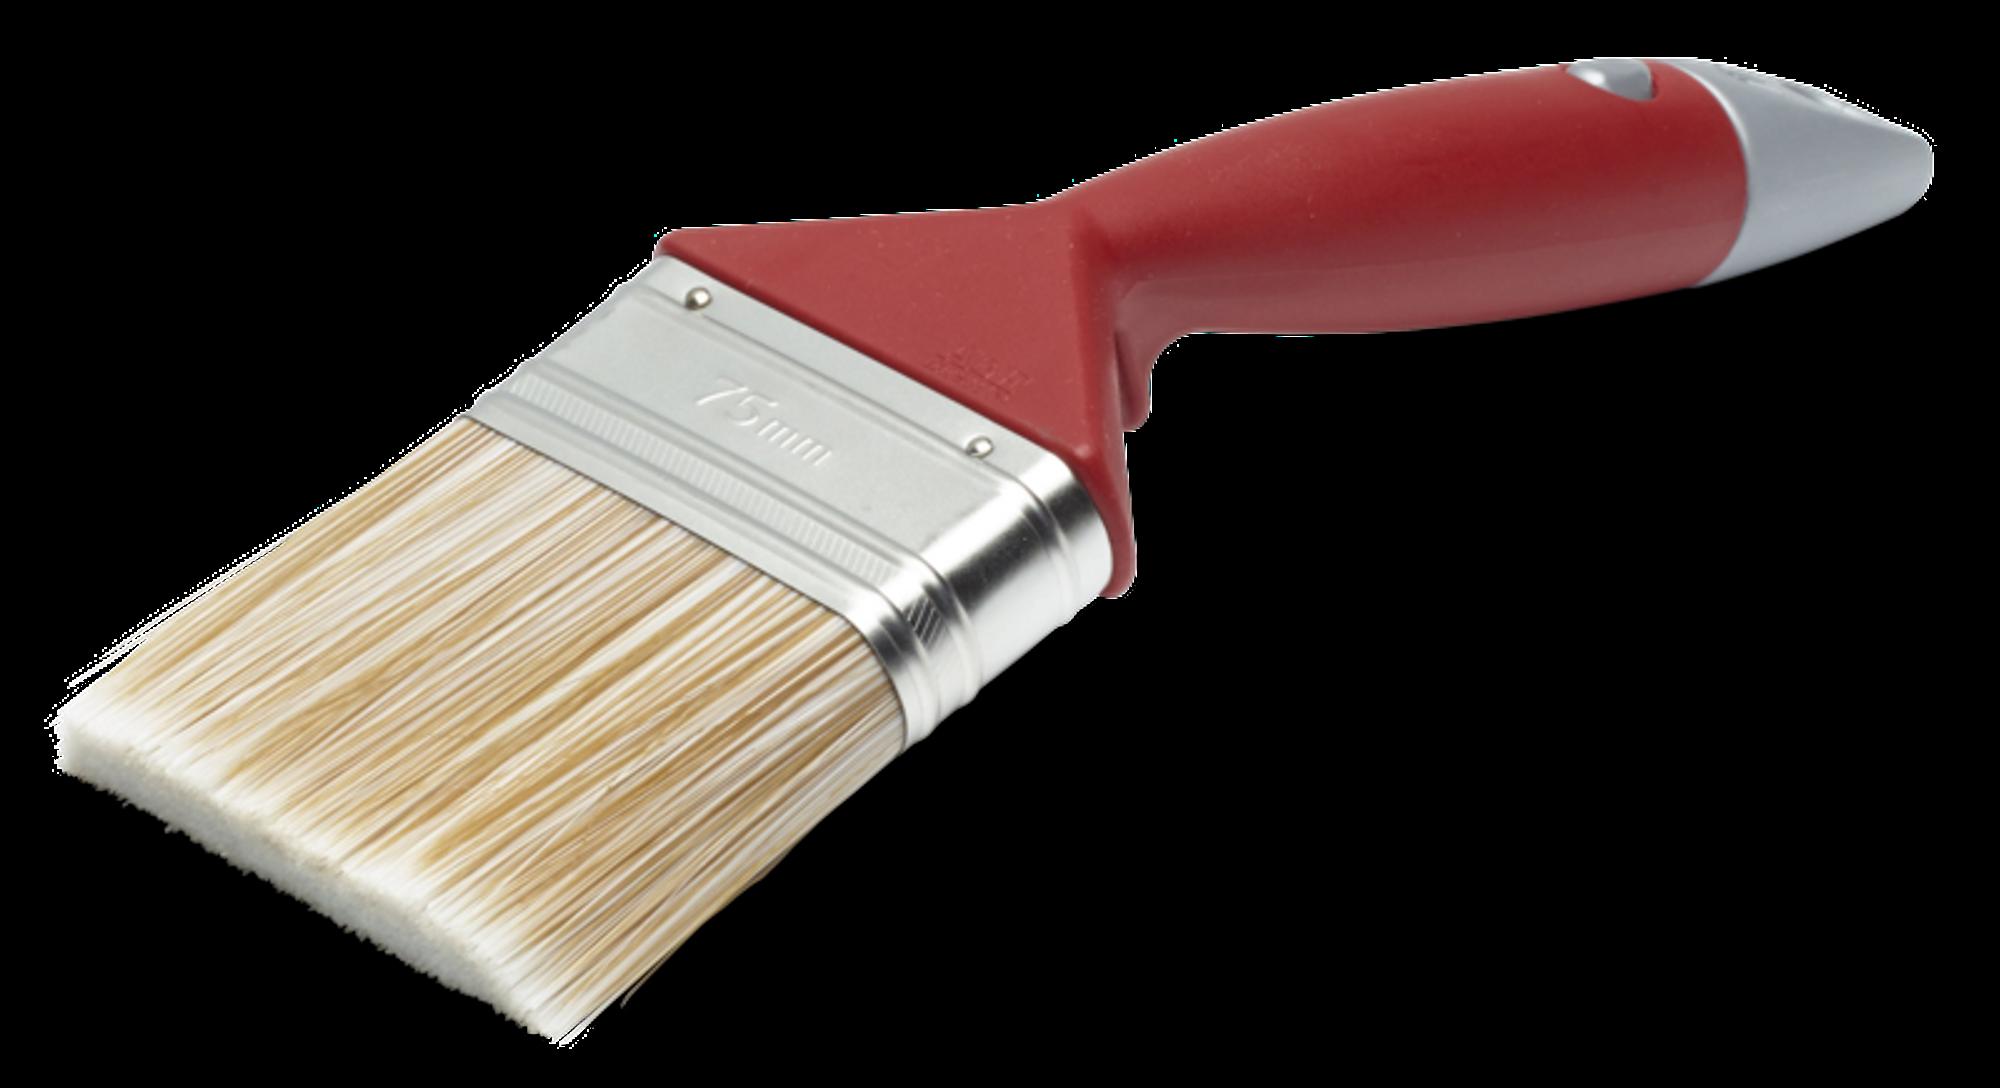 Vinklet bred pensel i rødt som brukes til grunning